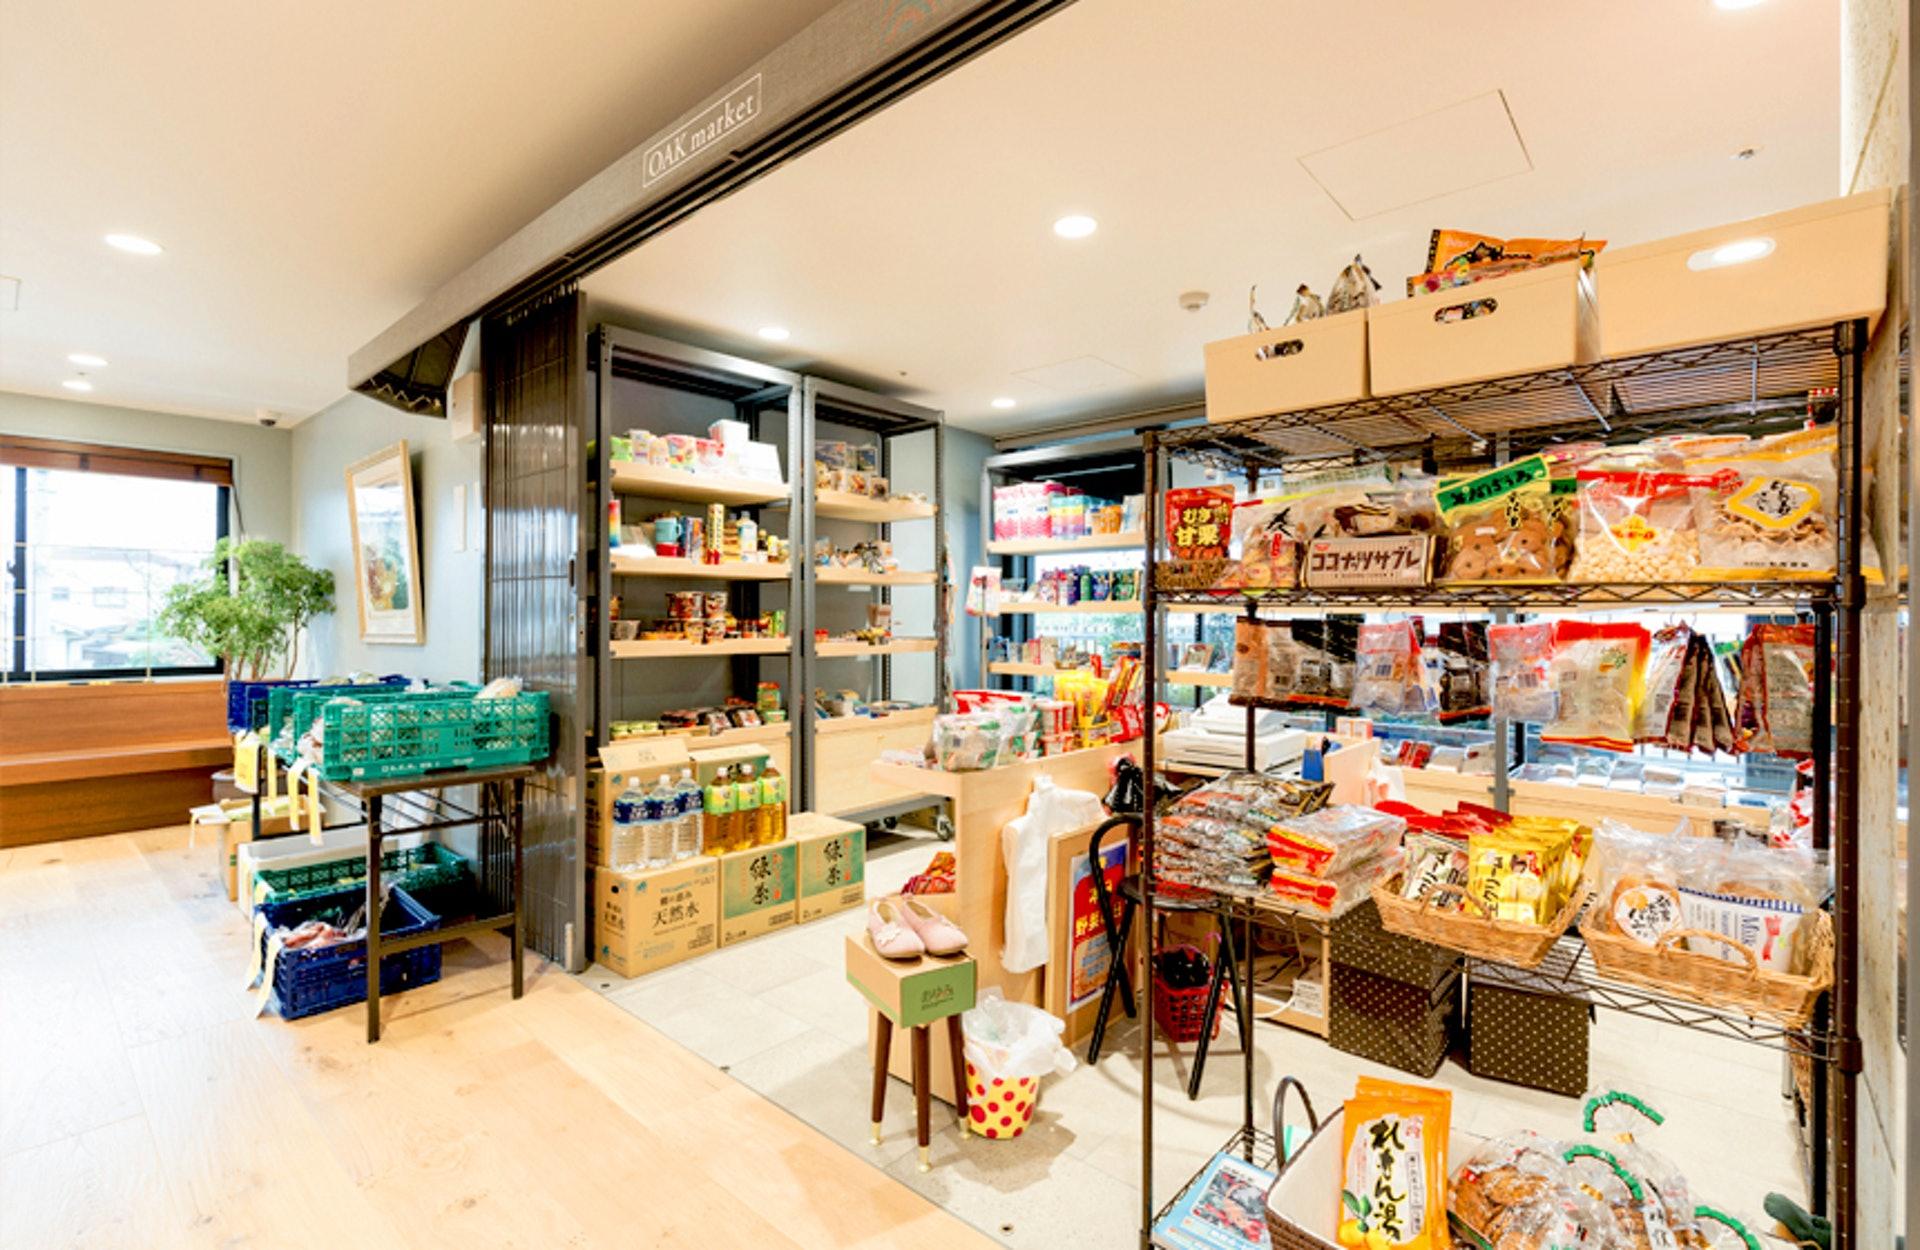 其實,在「グランドオーク百寿」內,也有一間對外關放的小型「超級市場」,售賣適合長者的日常生活用品,亦成為了附近街坊的「聚腳點」。(圖片出處:グランドオーク百寿官方網站)